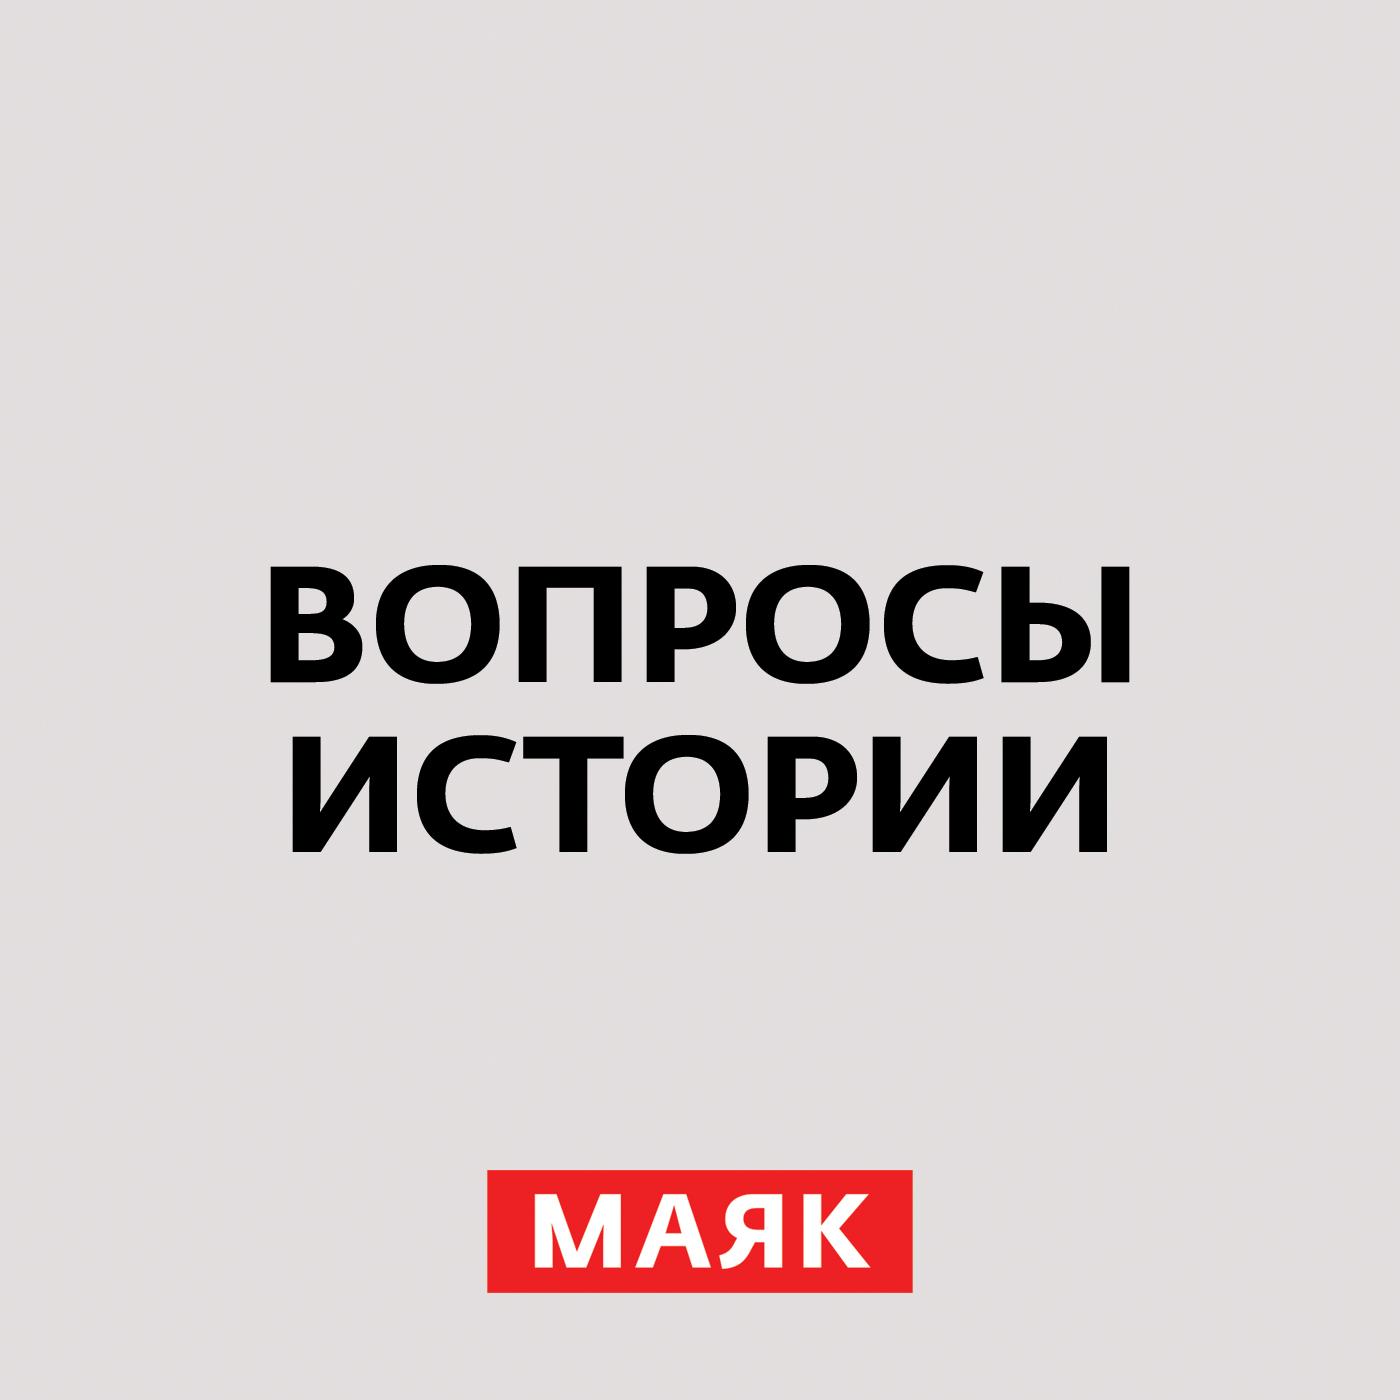 Андрей Светенко Война – это хлыст научно-технического прогресса андрей светенко покушение на ленина неизвестные факты